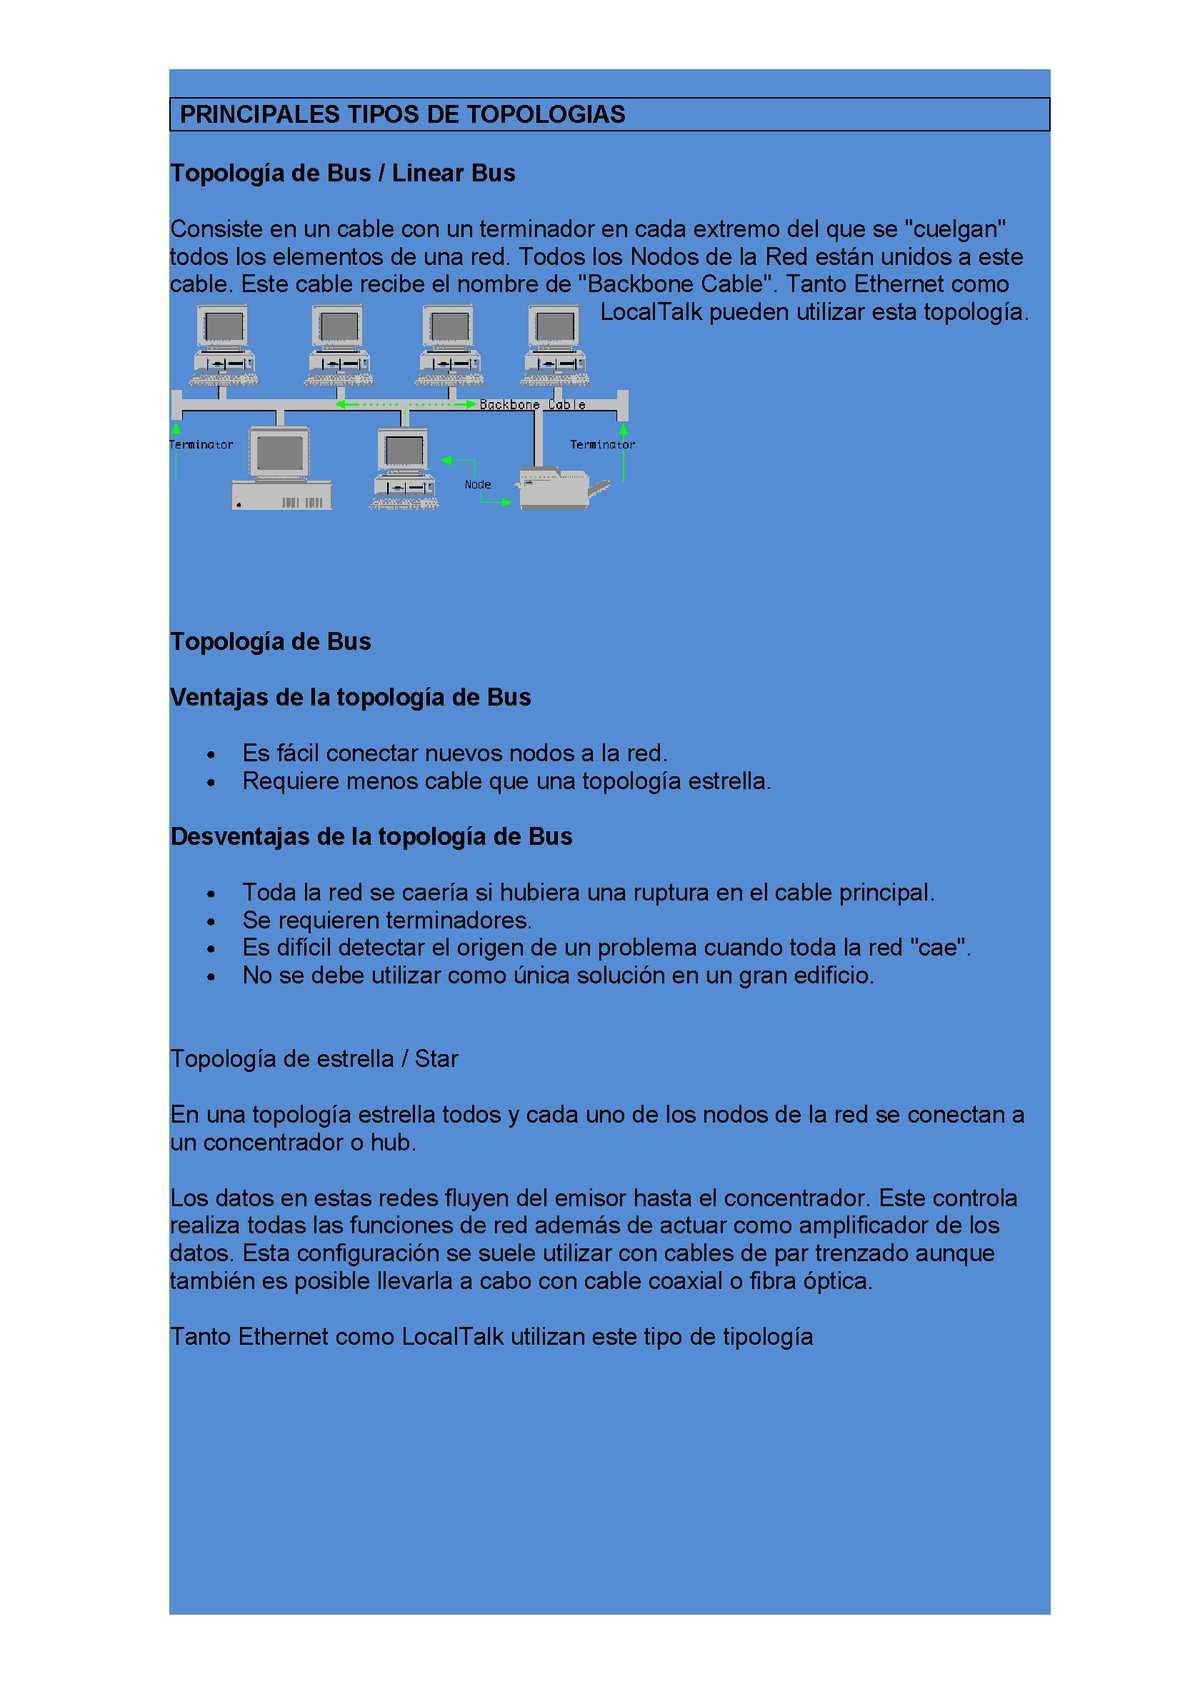 PRINCIPALES TIPOS DE TOPOLOGIAS